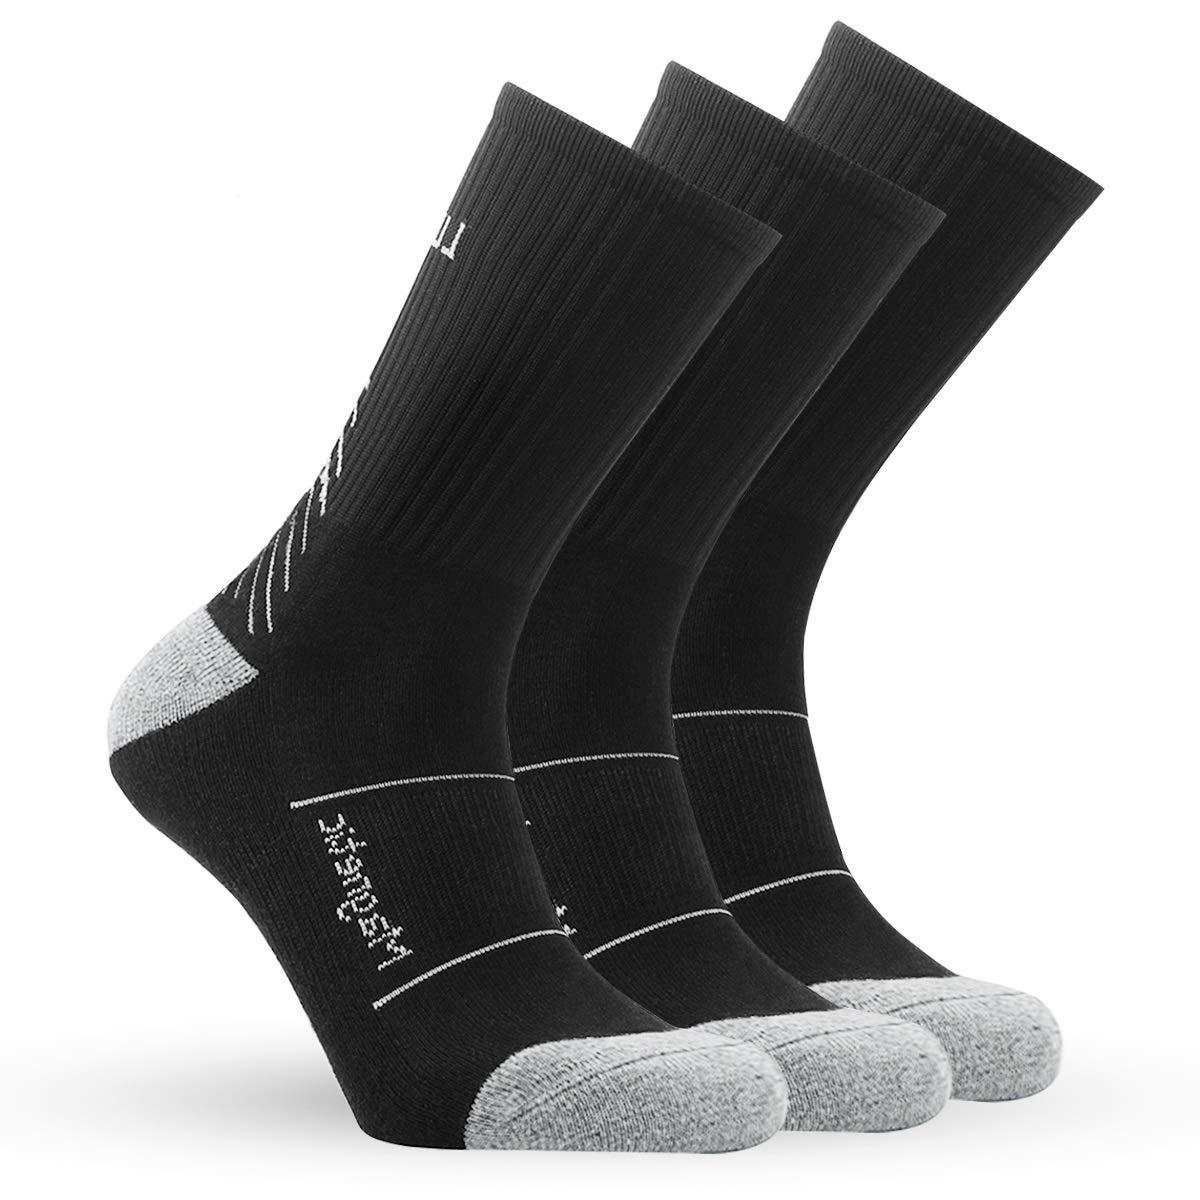 IMITOR Calcetines de Senderismo para Hombre y Mujere Algodón Transpirable Calcetines de Trekking Calcetines para Actividades